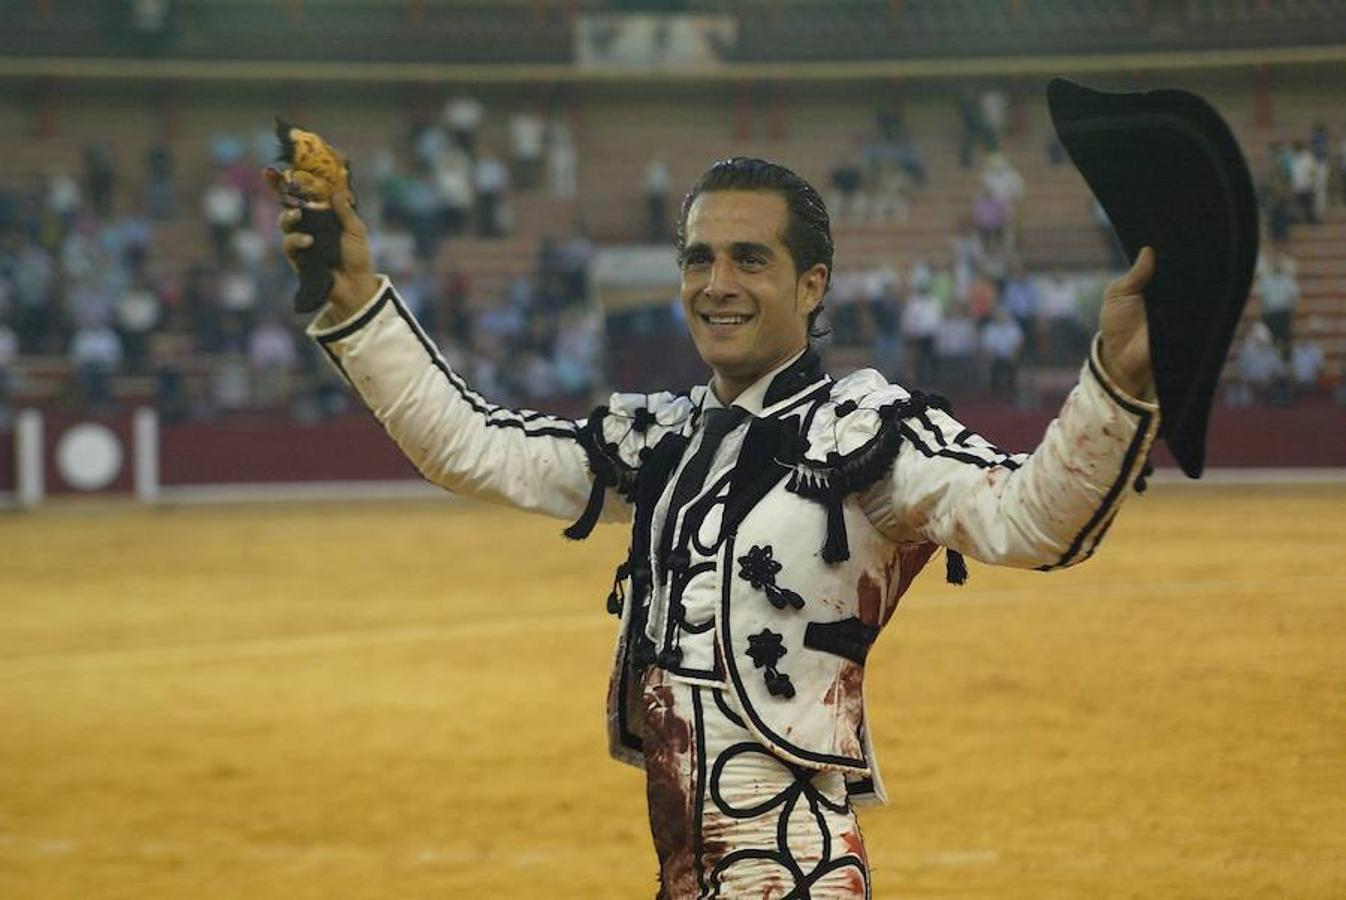 Iván Fandiño, en una imagen de 2012 tomada en la plaza de toros de Zaragoza